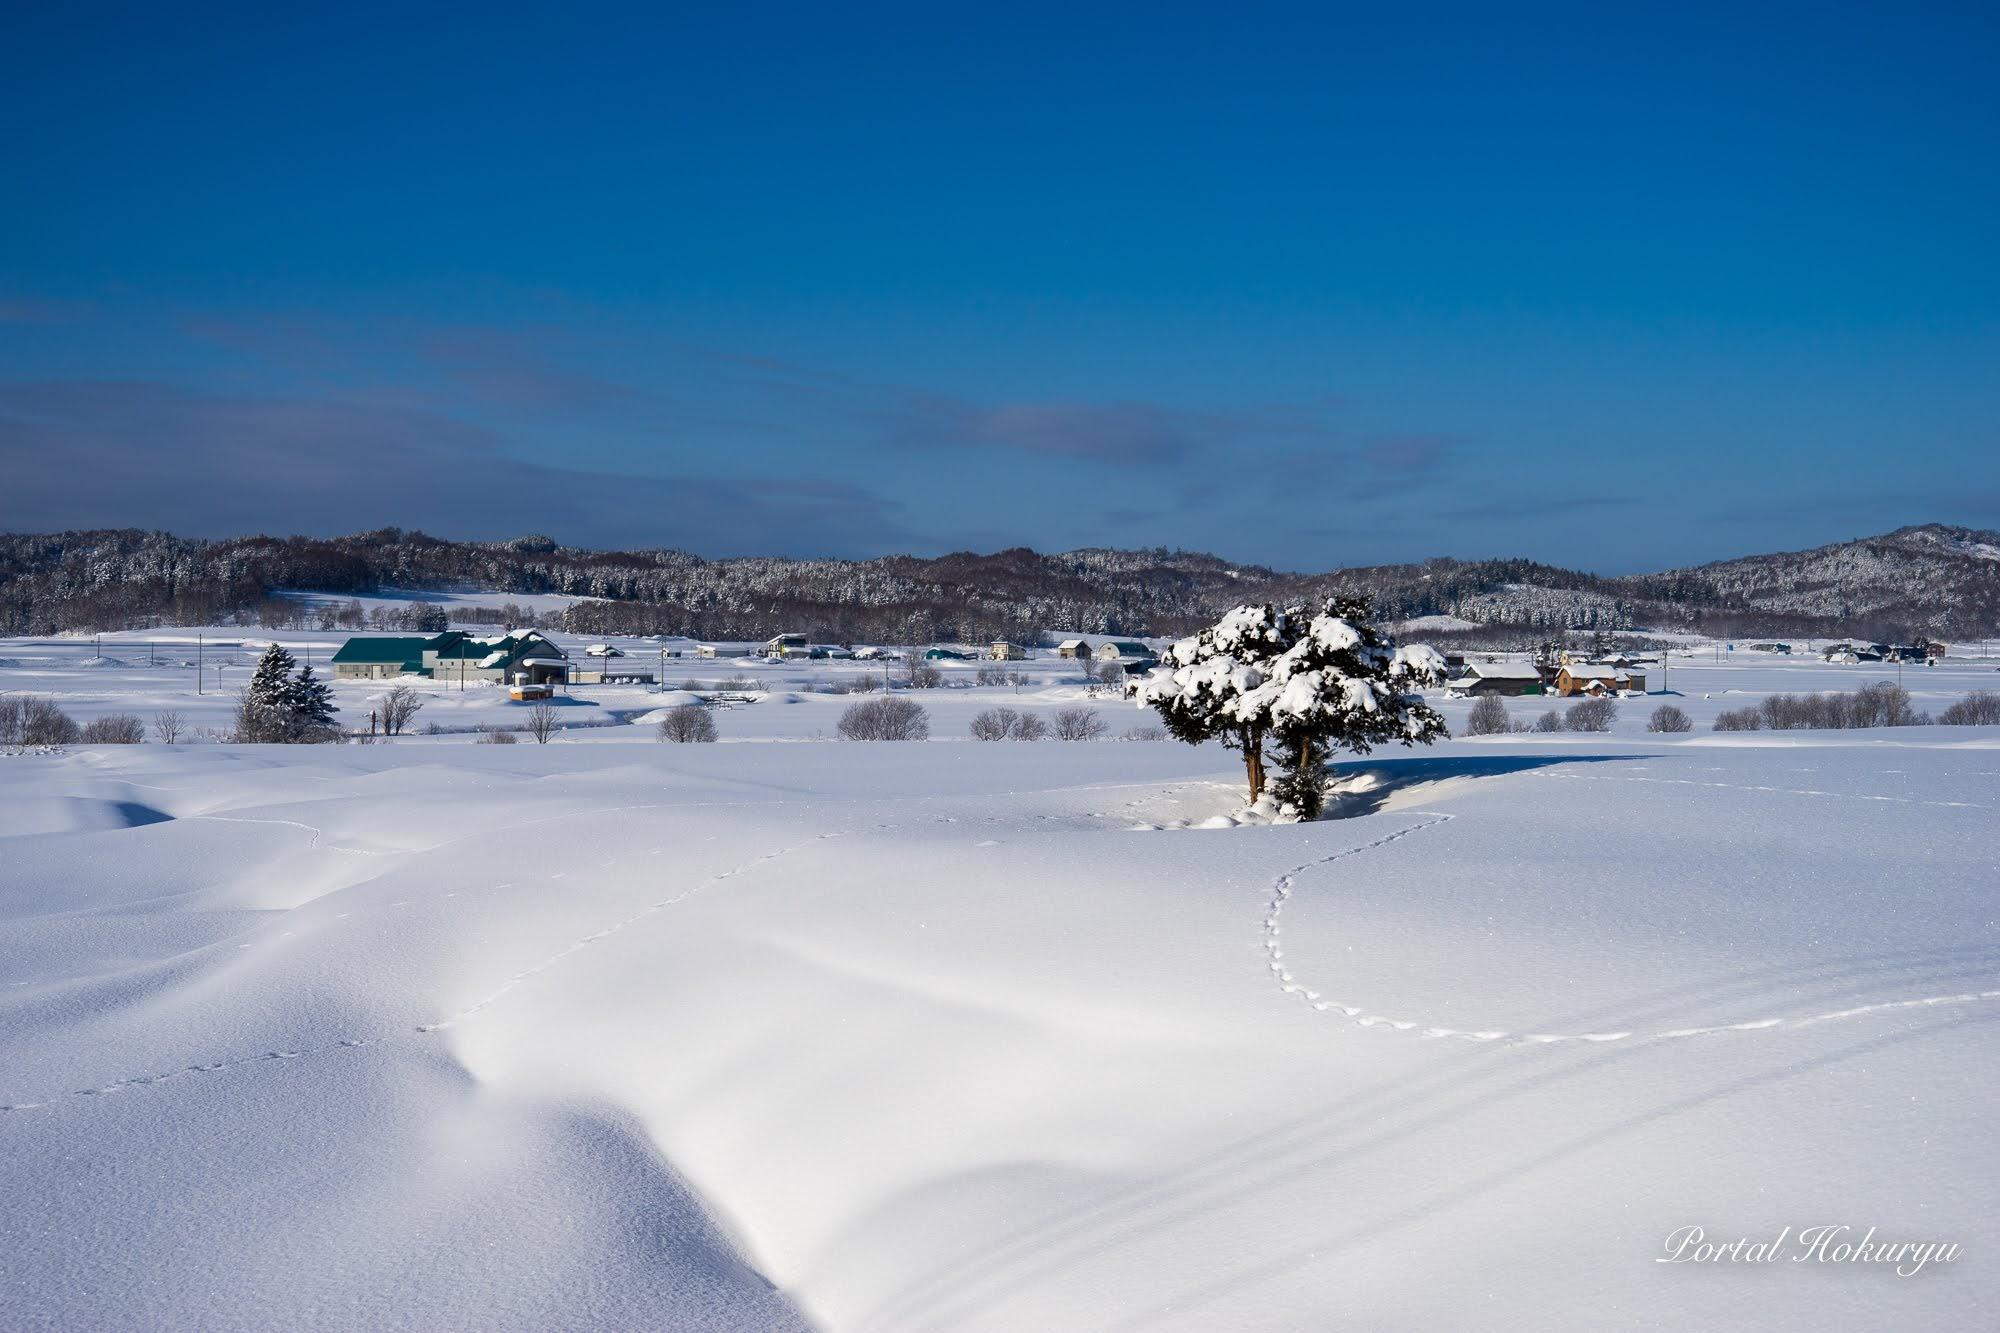 雪上の可愛い足跡